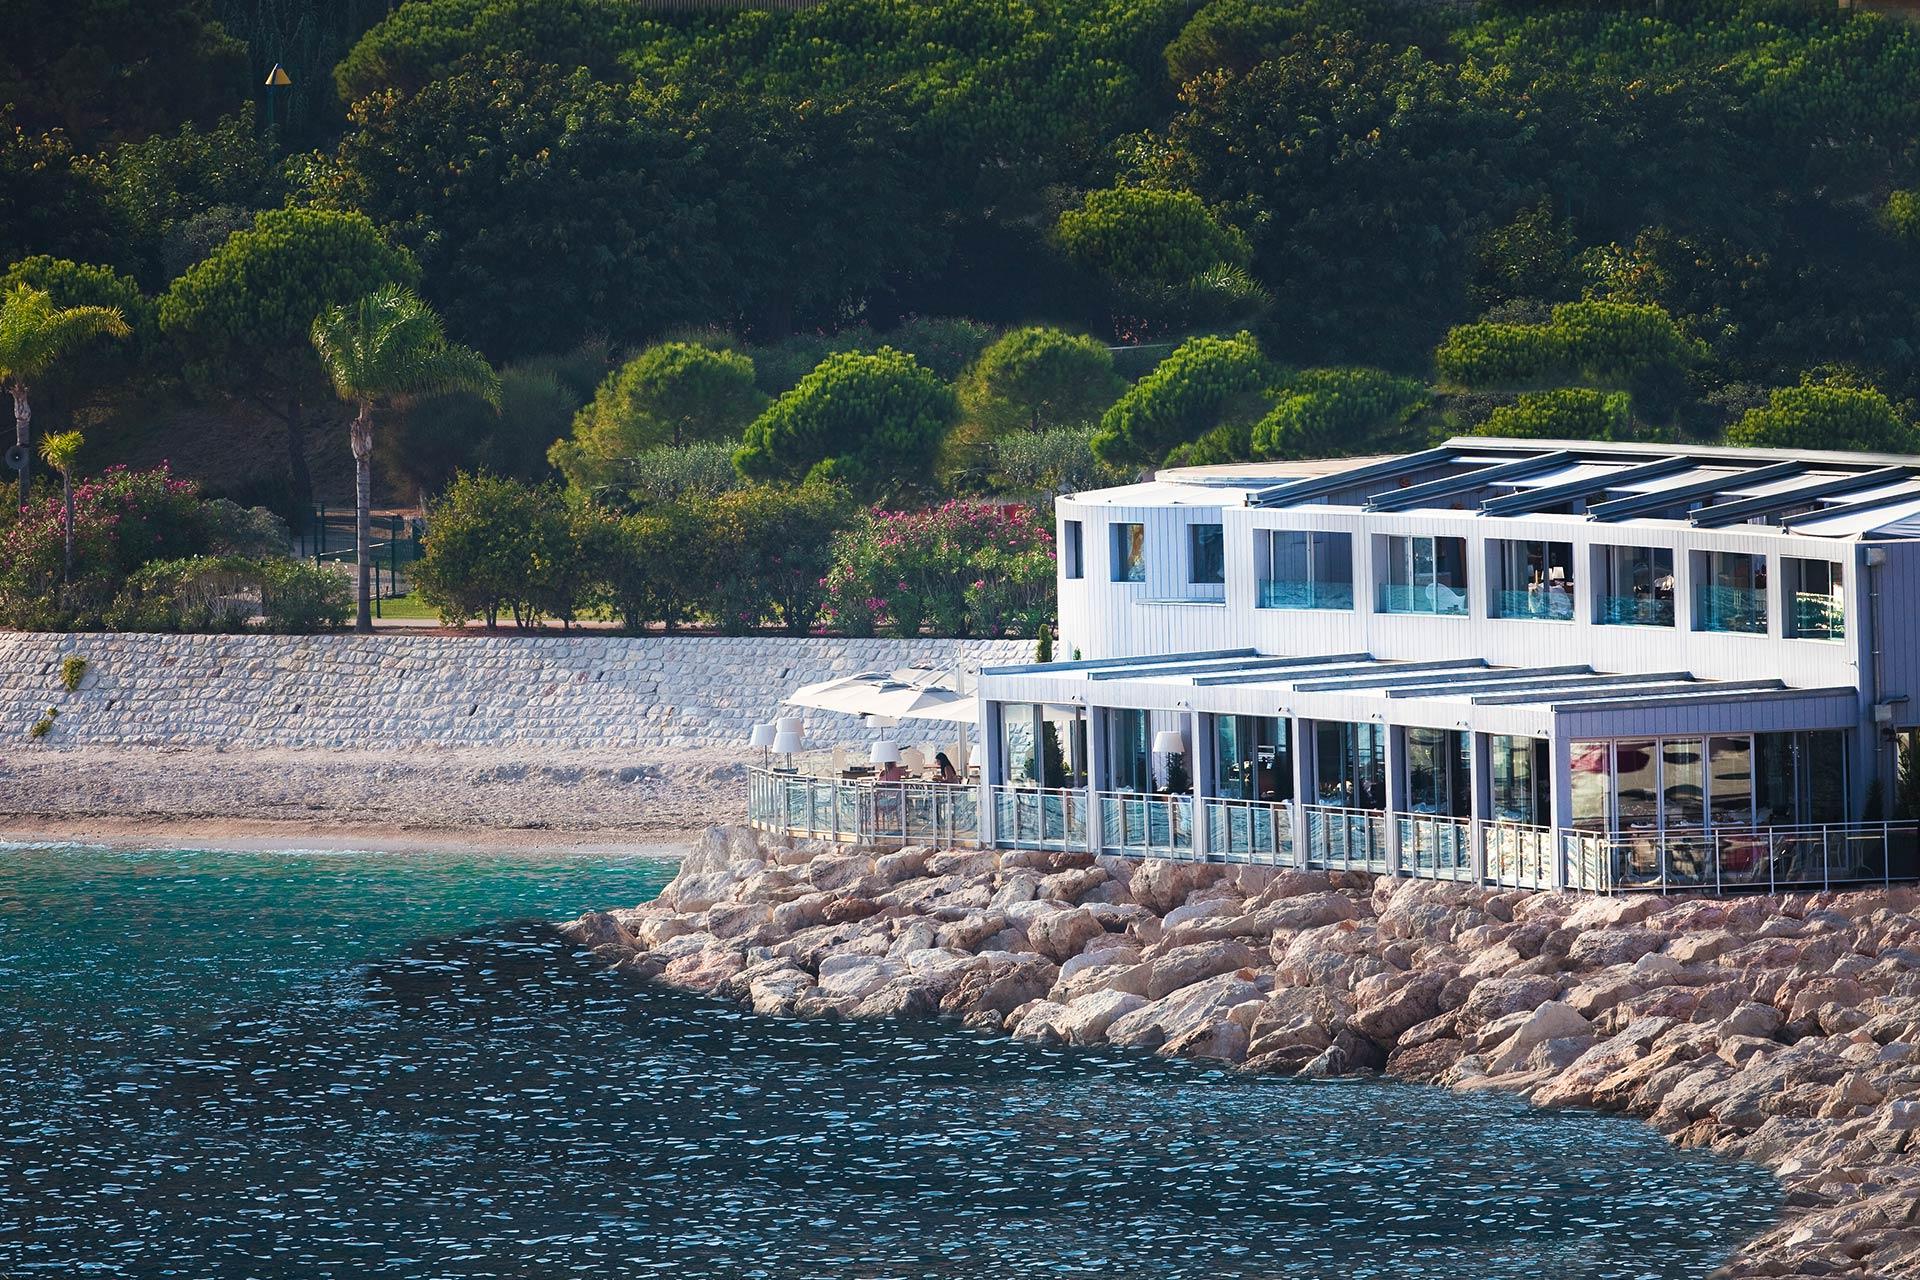 Restaurant Monaco Cap d'Ail Bord de Mer